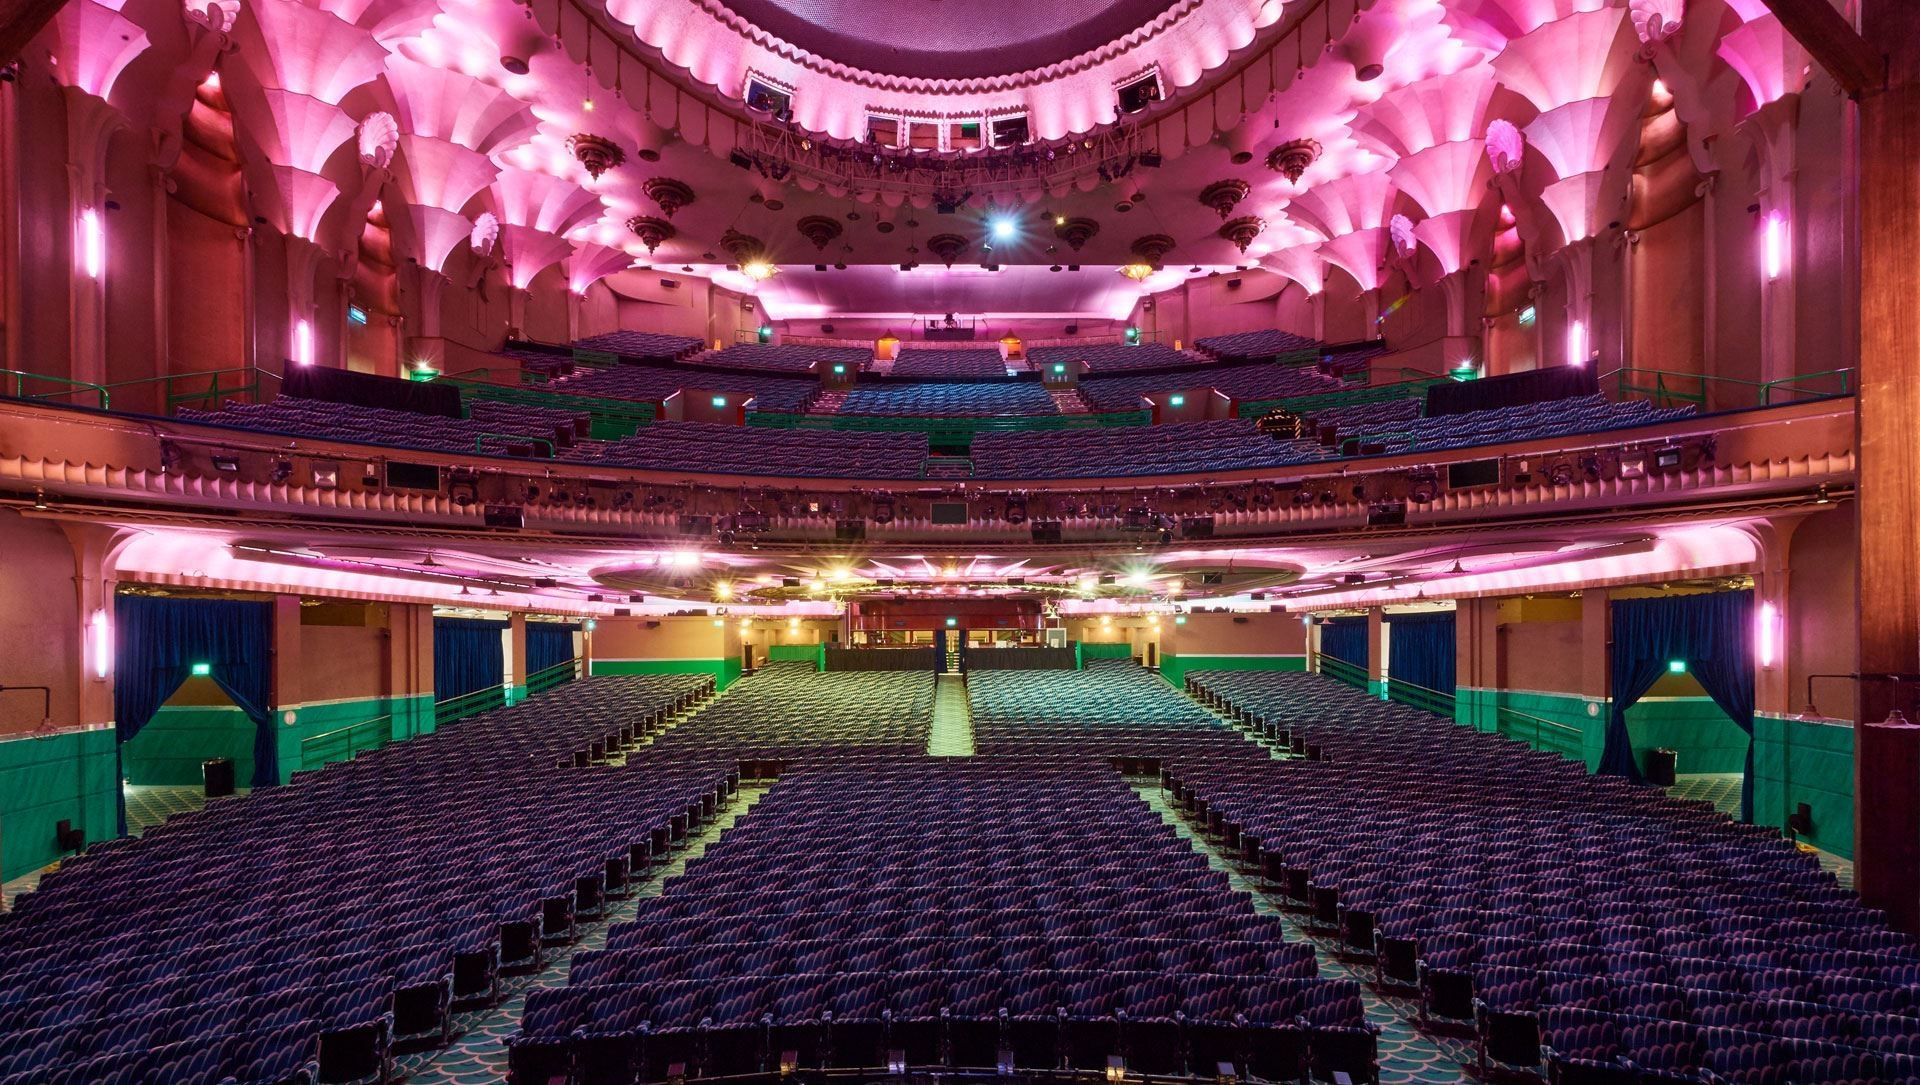 """""""Il Regno Unito diventerà un deserto culturale"""". Da Nick Cave ad Anish Kapoor, gli artisti chiedono supporti al settore"""